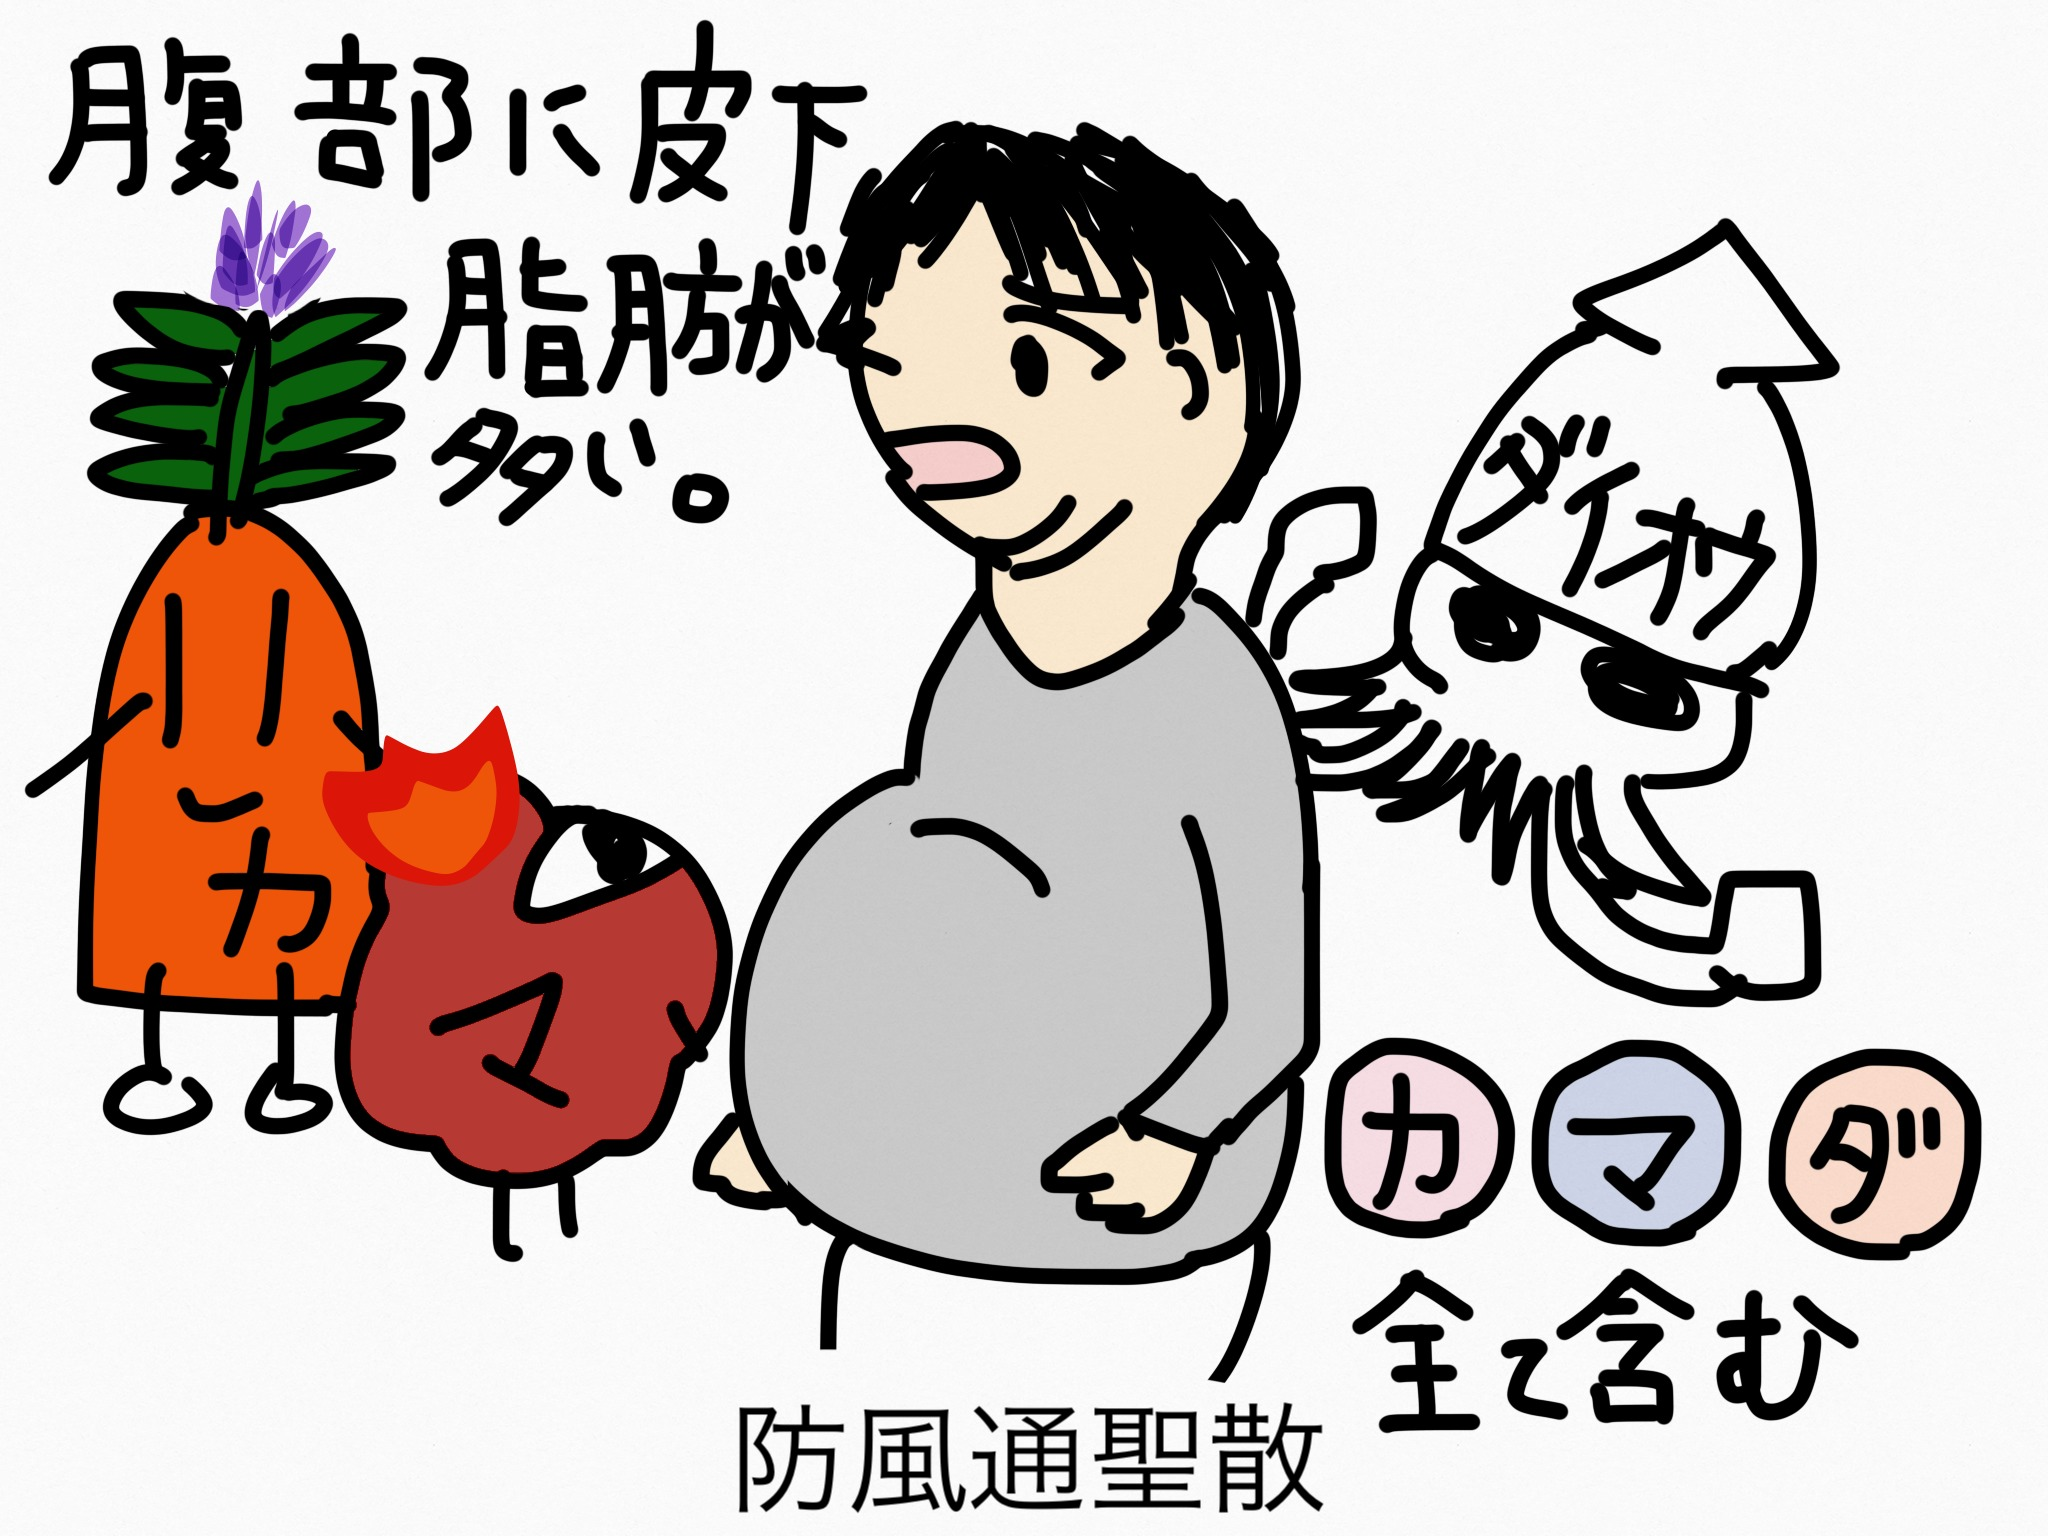 防風通聖散(ぼうふうつうしょうさん)[肥満症]【漢方の覚え方】